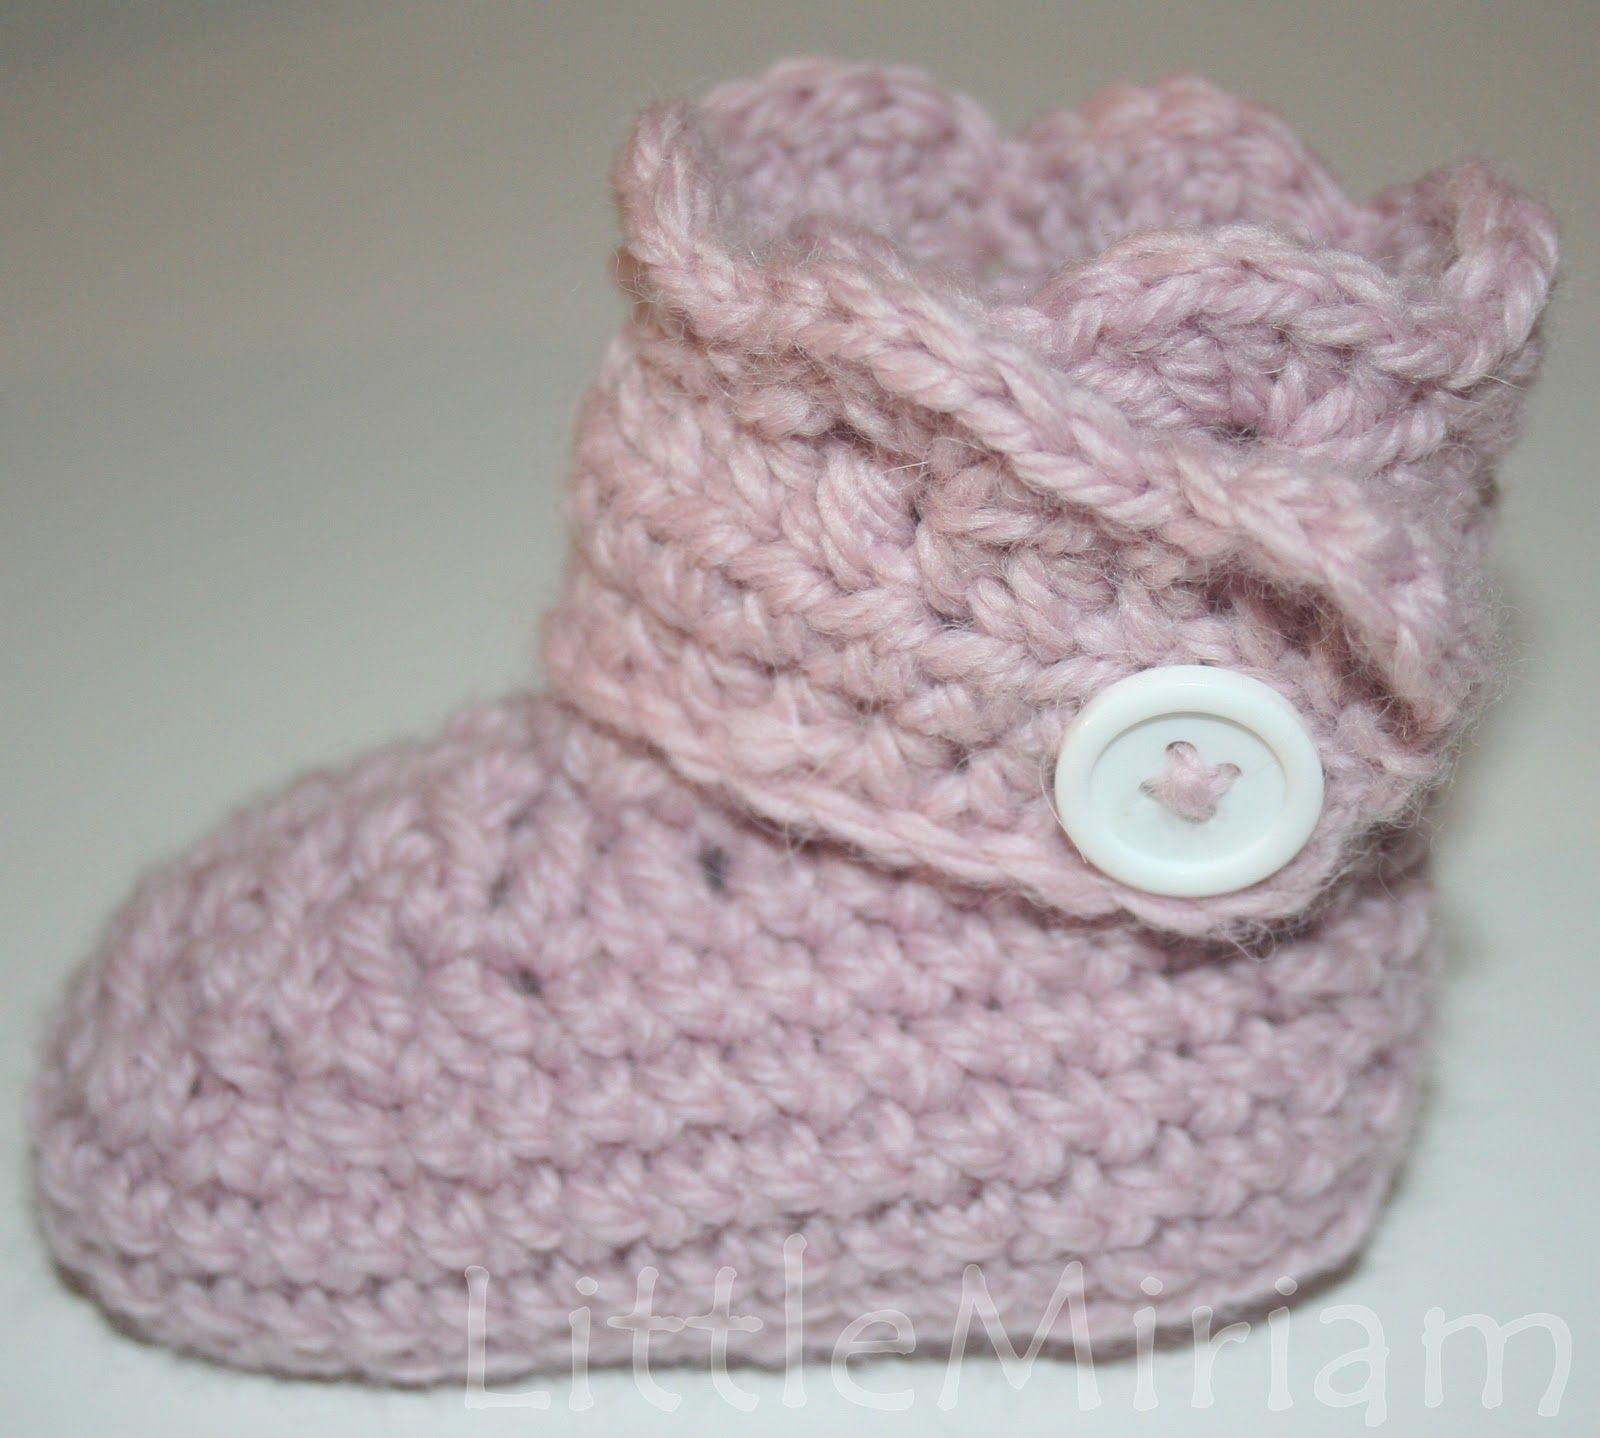 LittleMiriam: Wrap around baby boots